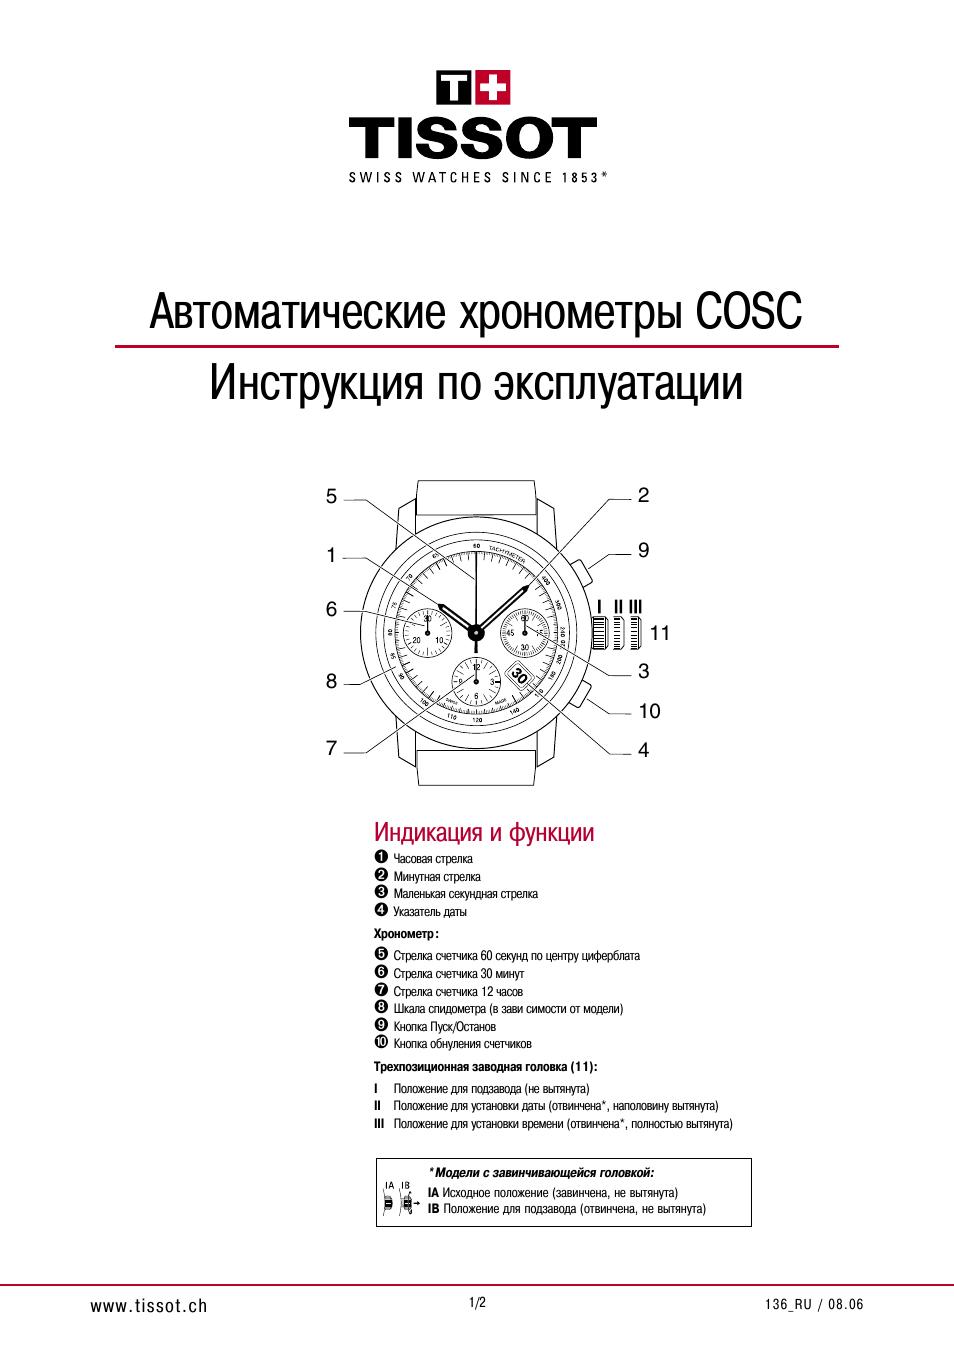 Перевод даты на кварцевых часах чтобы настроить календарные данные на кварцевых часах, также следует пользоваться заводной головкой.